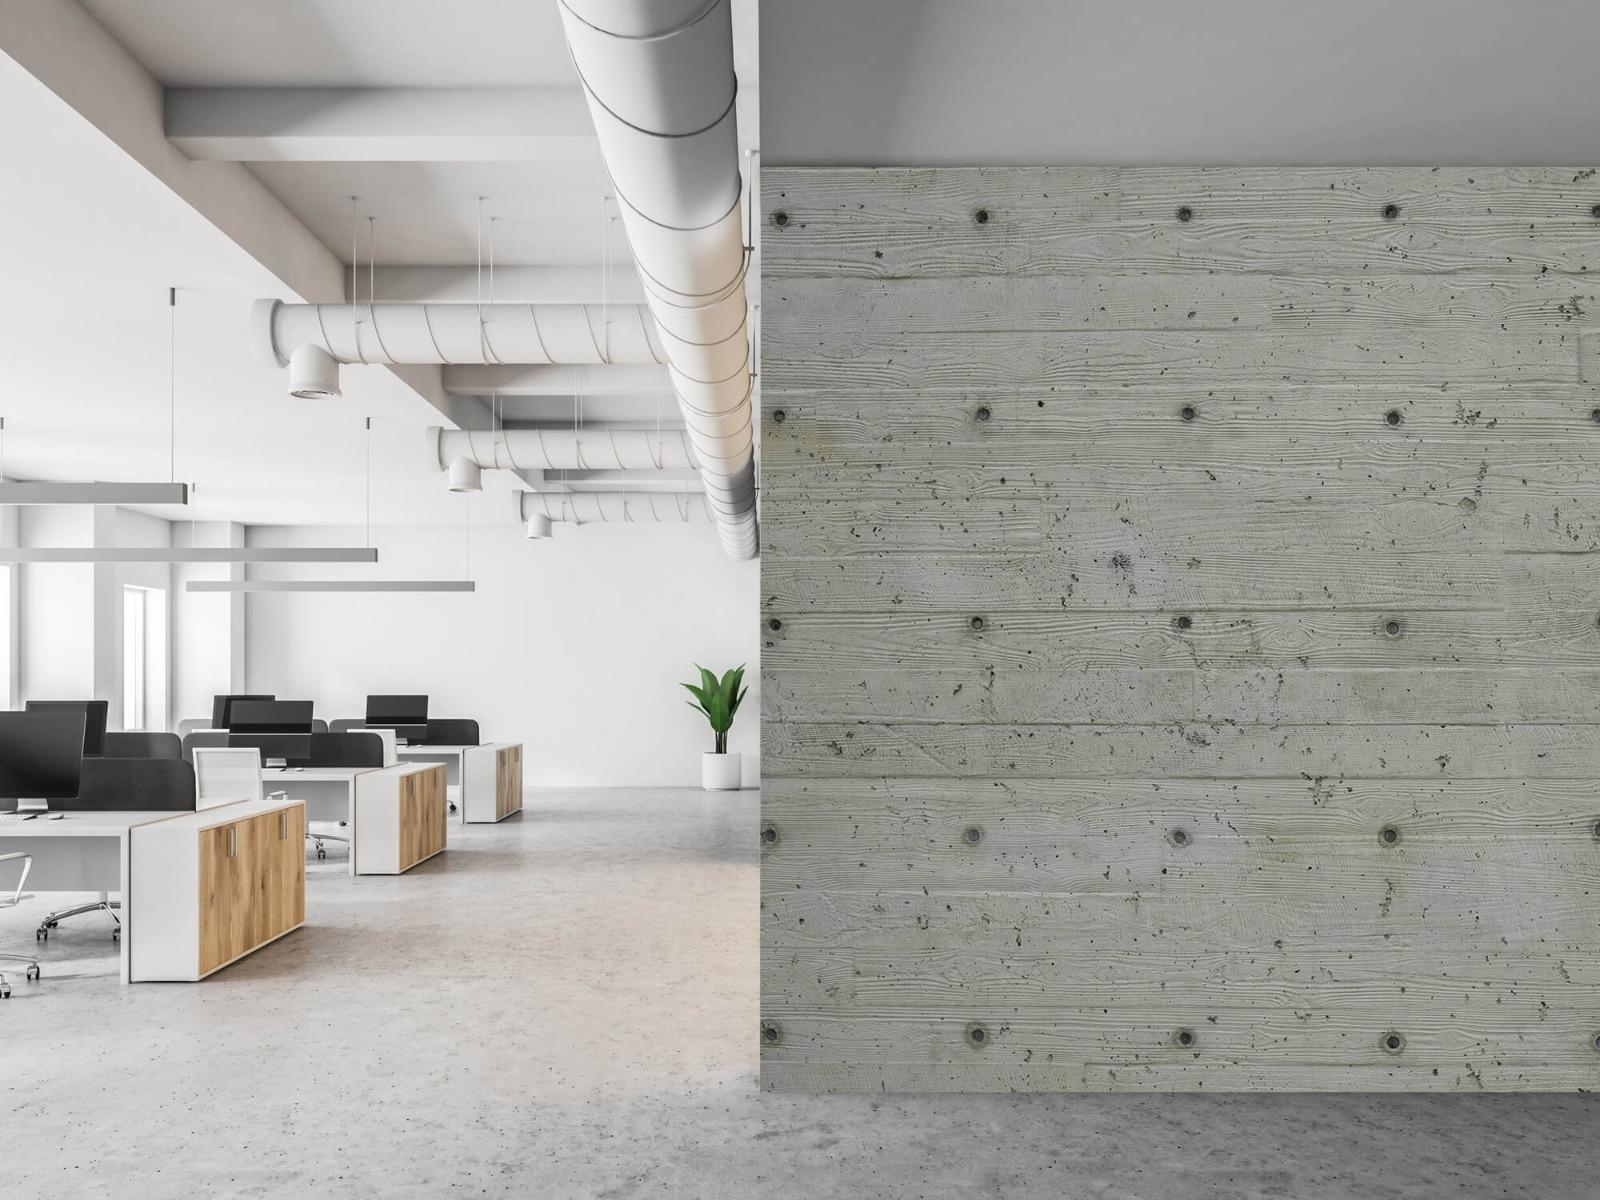 Betonlook behang - Beton met hout look - Slaapkamer 21